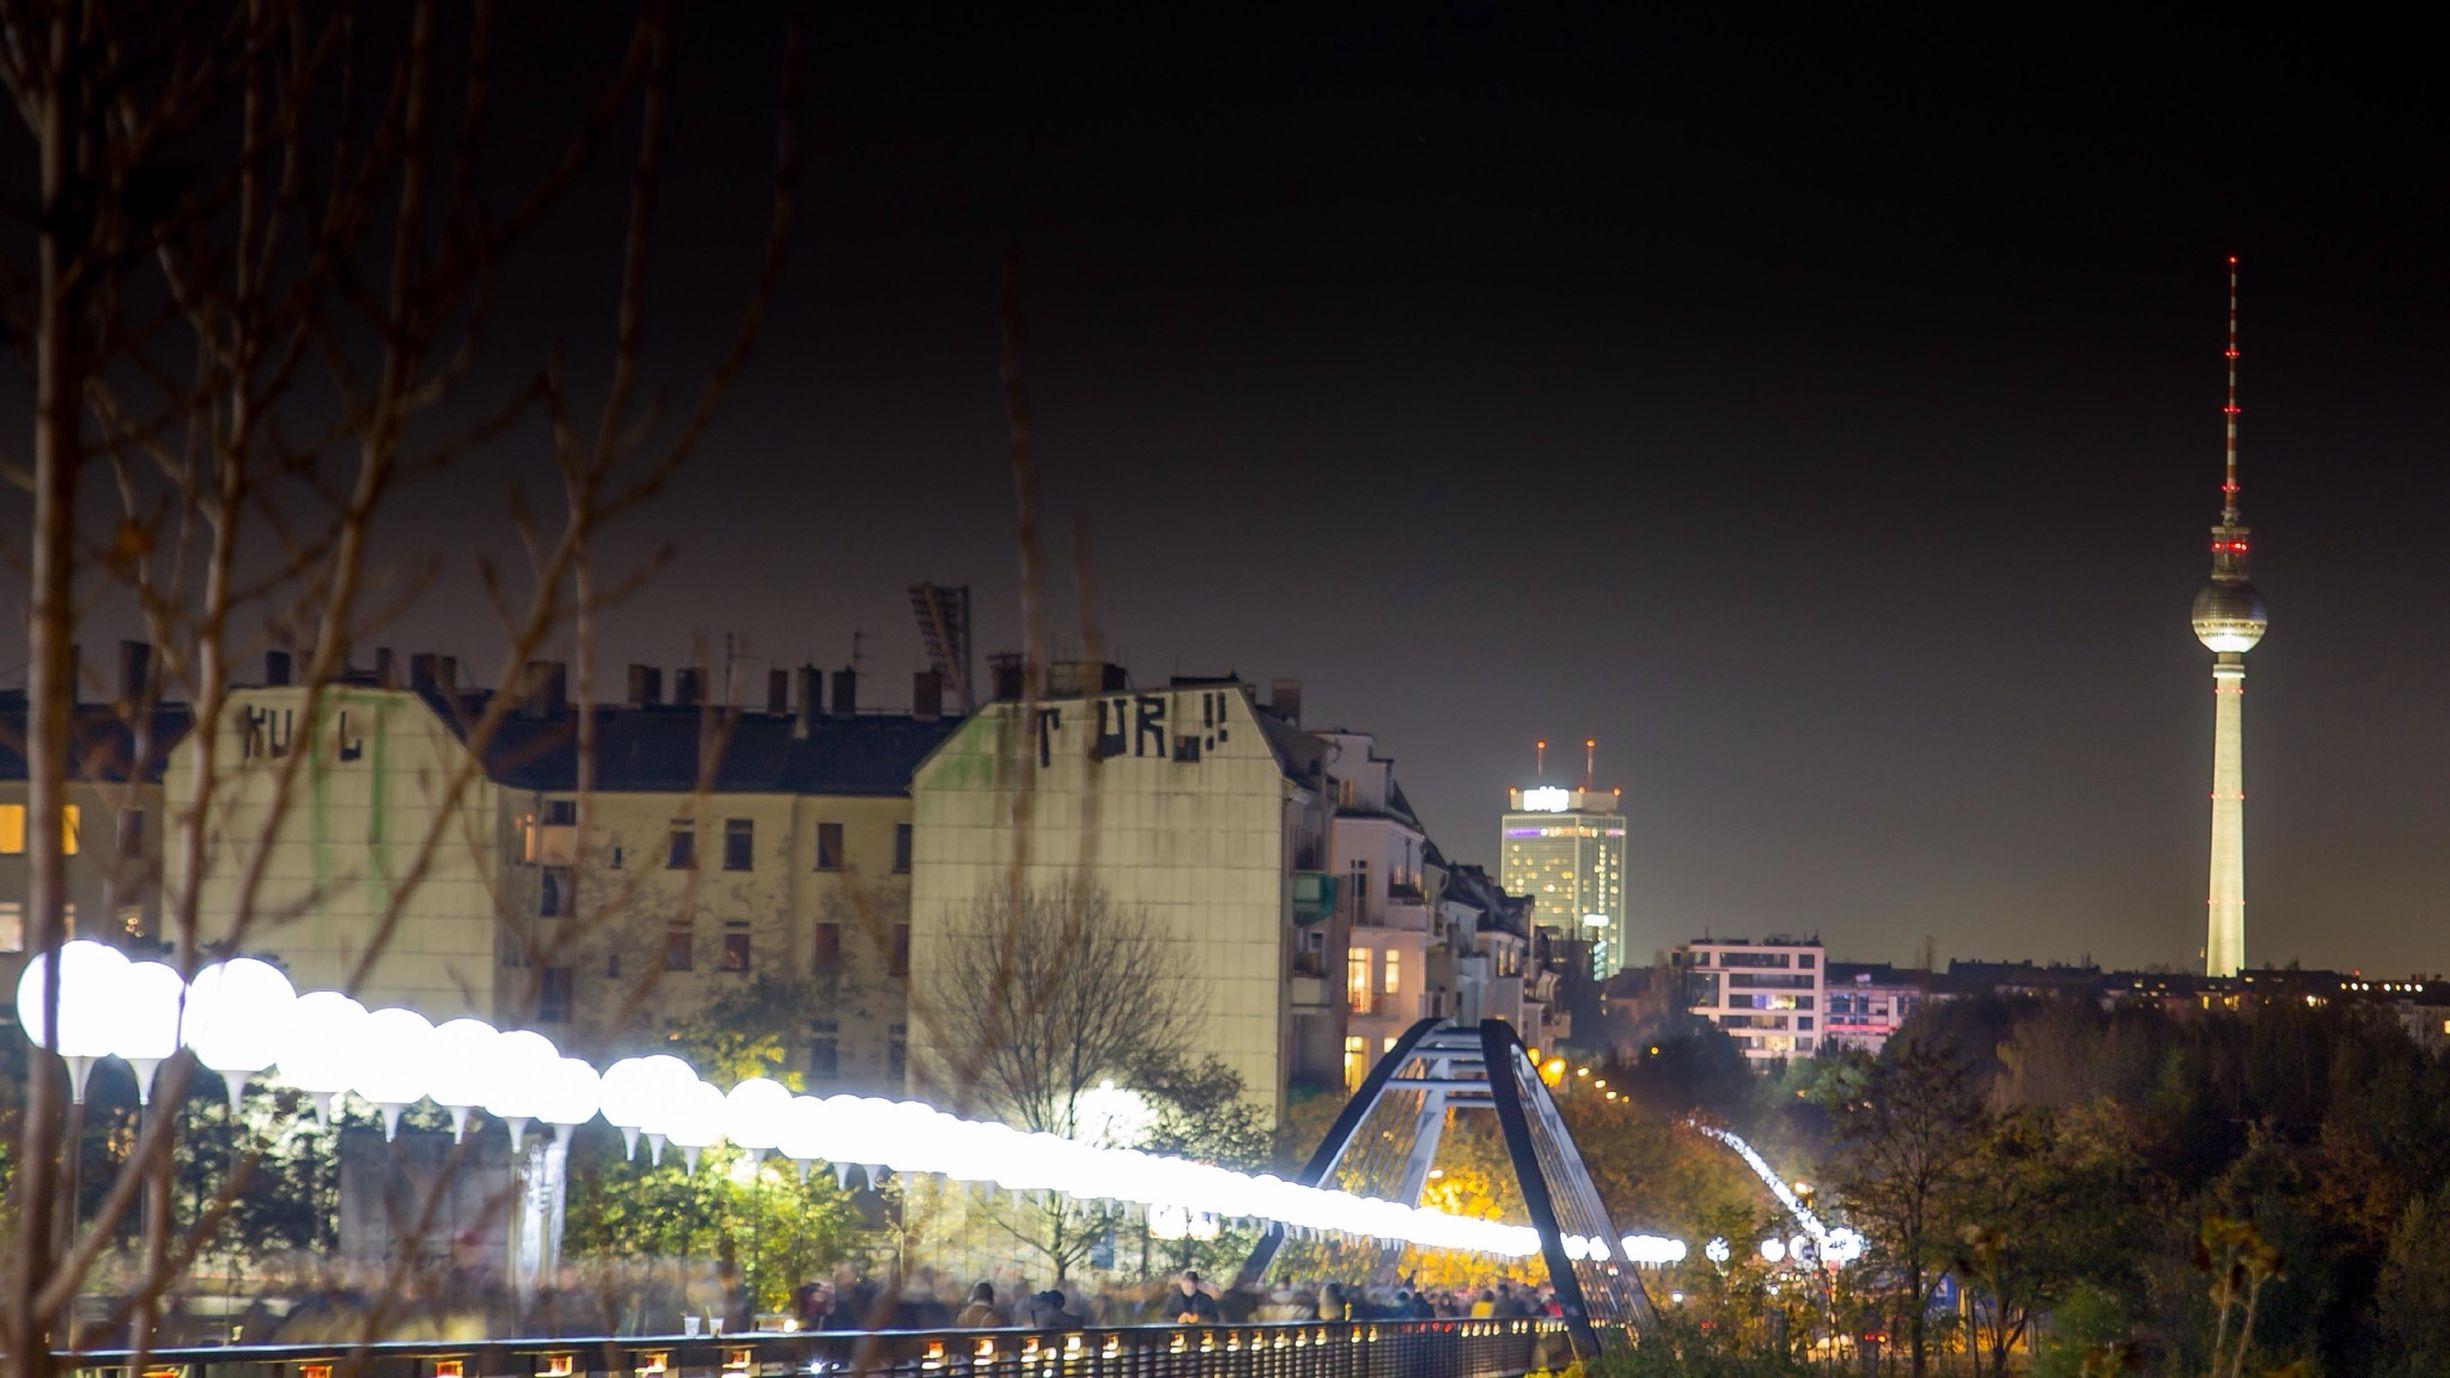 Lichtgrenze Berlin Night Photography